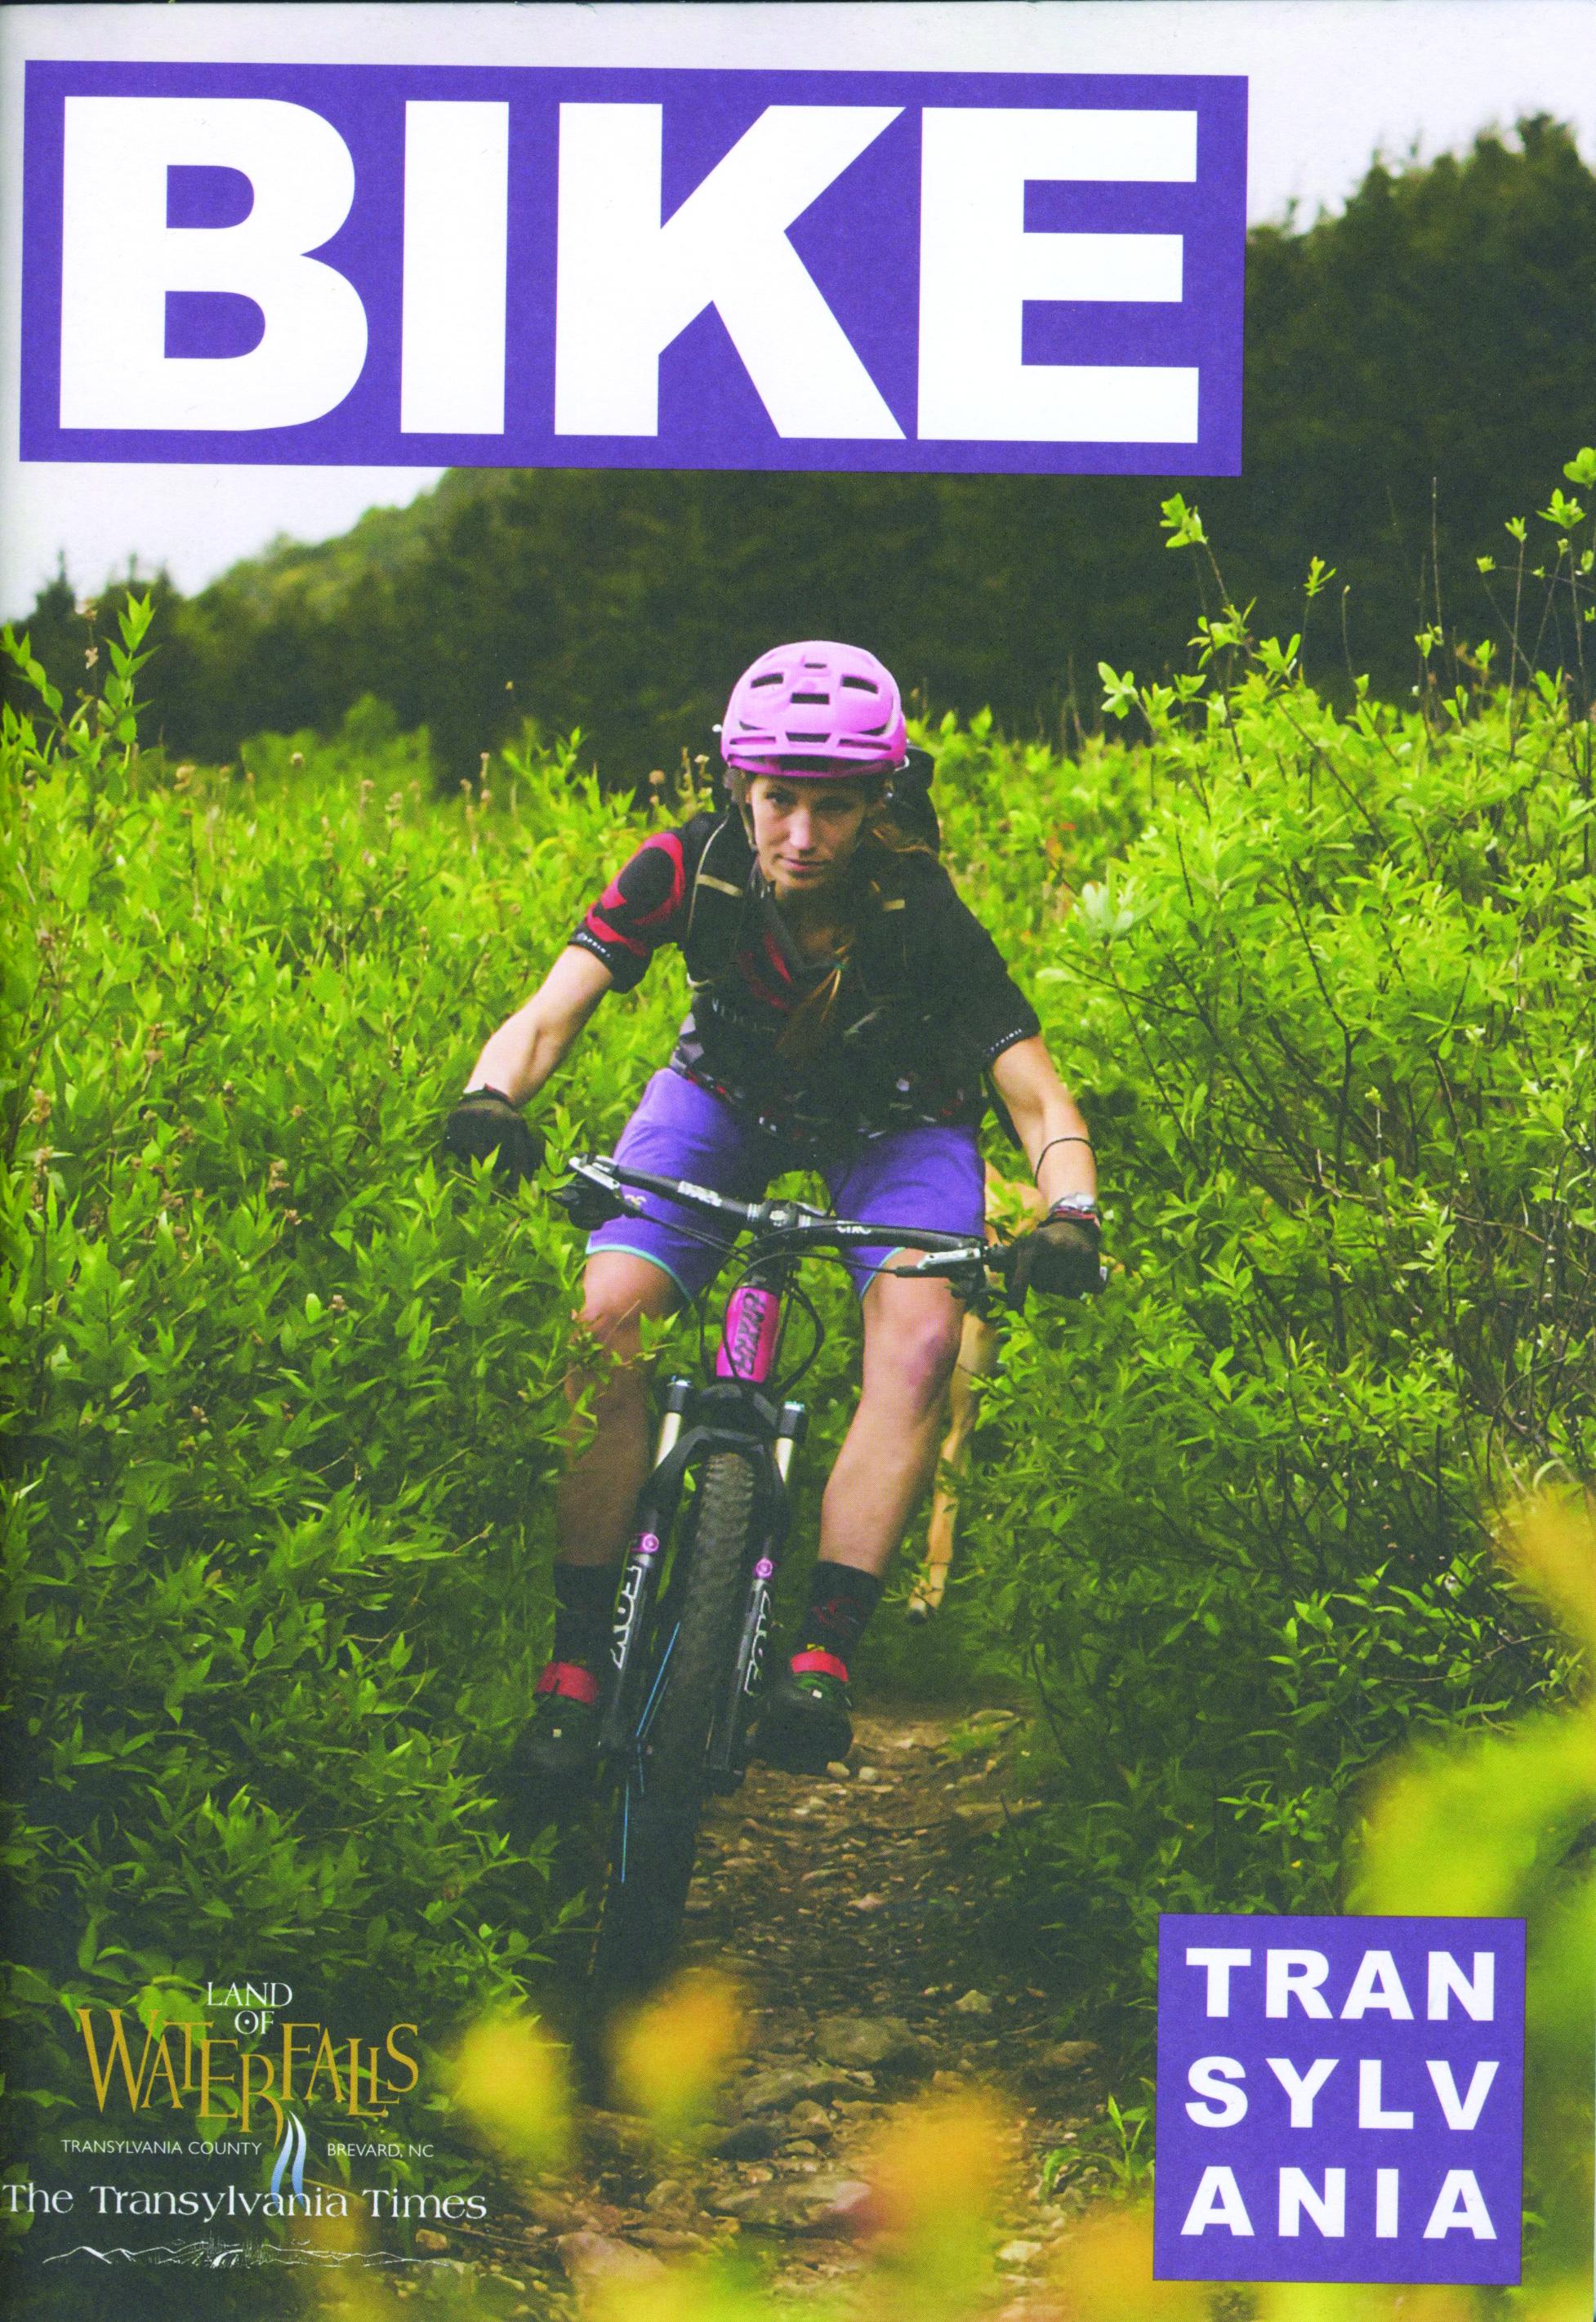 bikemag2